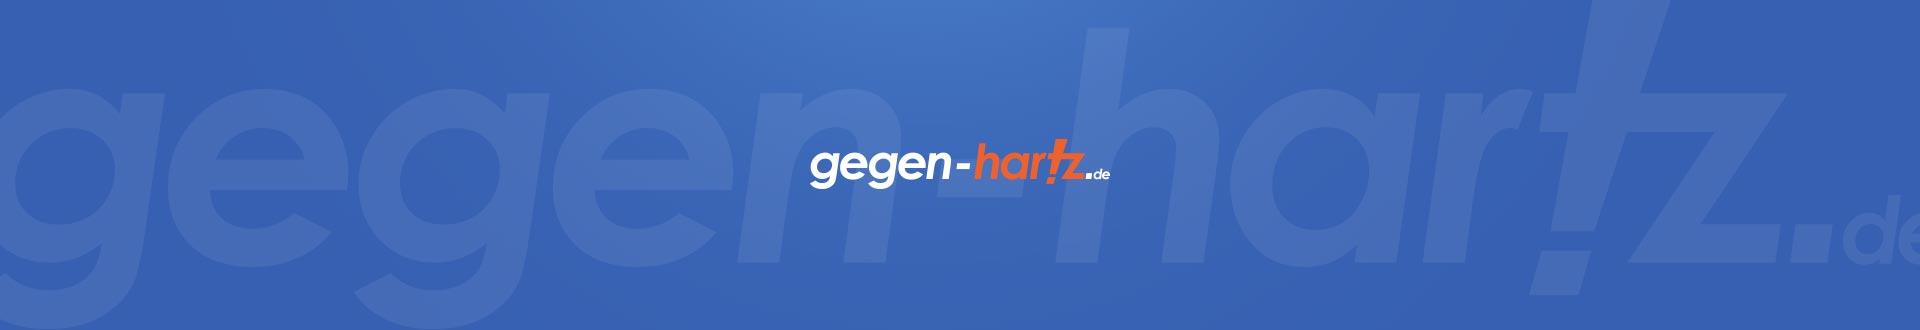 banner platzhalter gh - Sozialtarif für Hartz IV Empfänger möglich